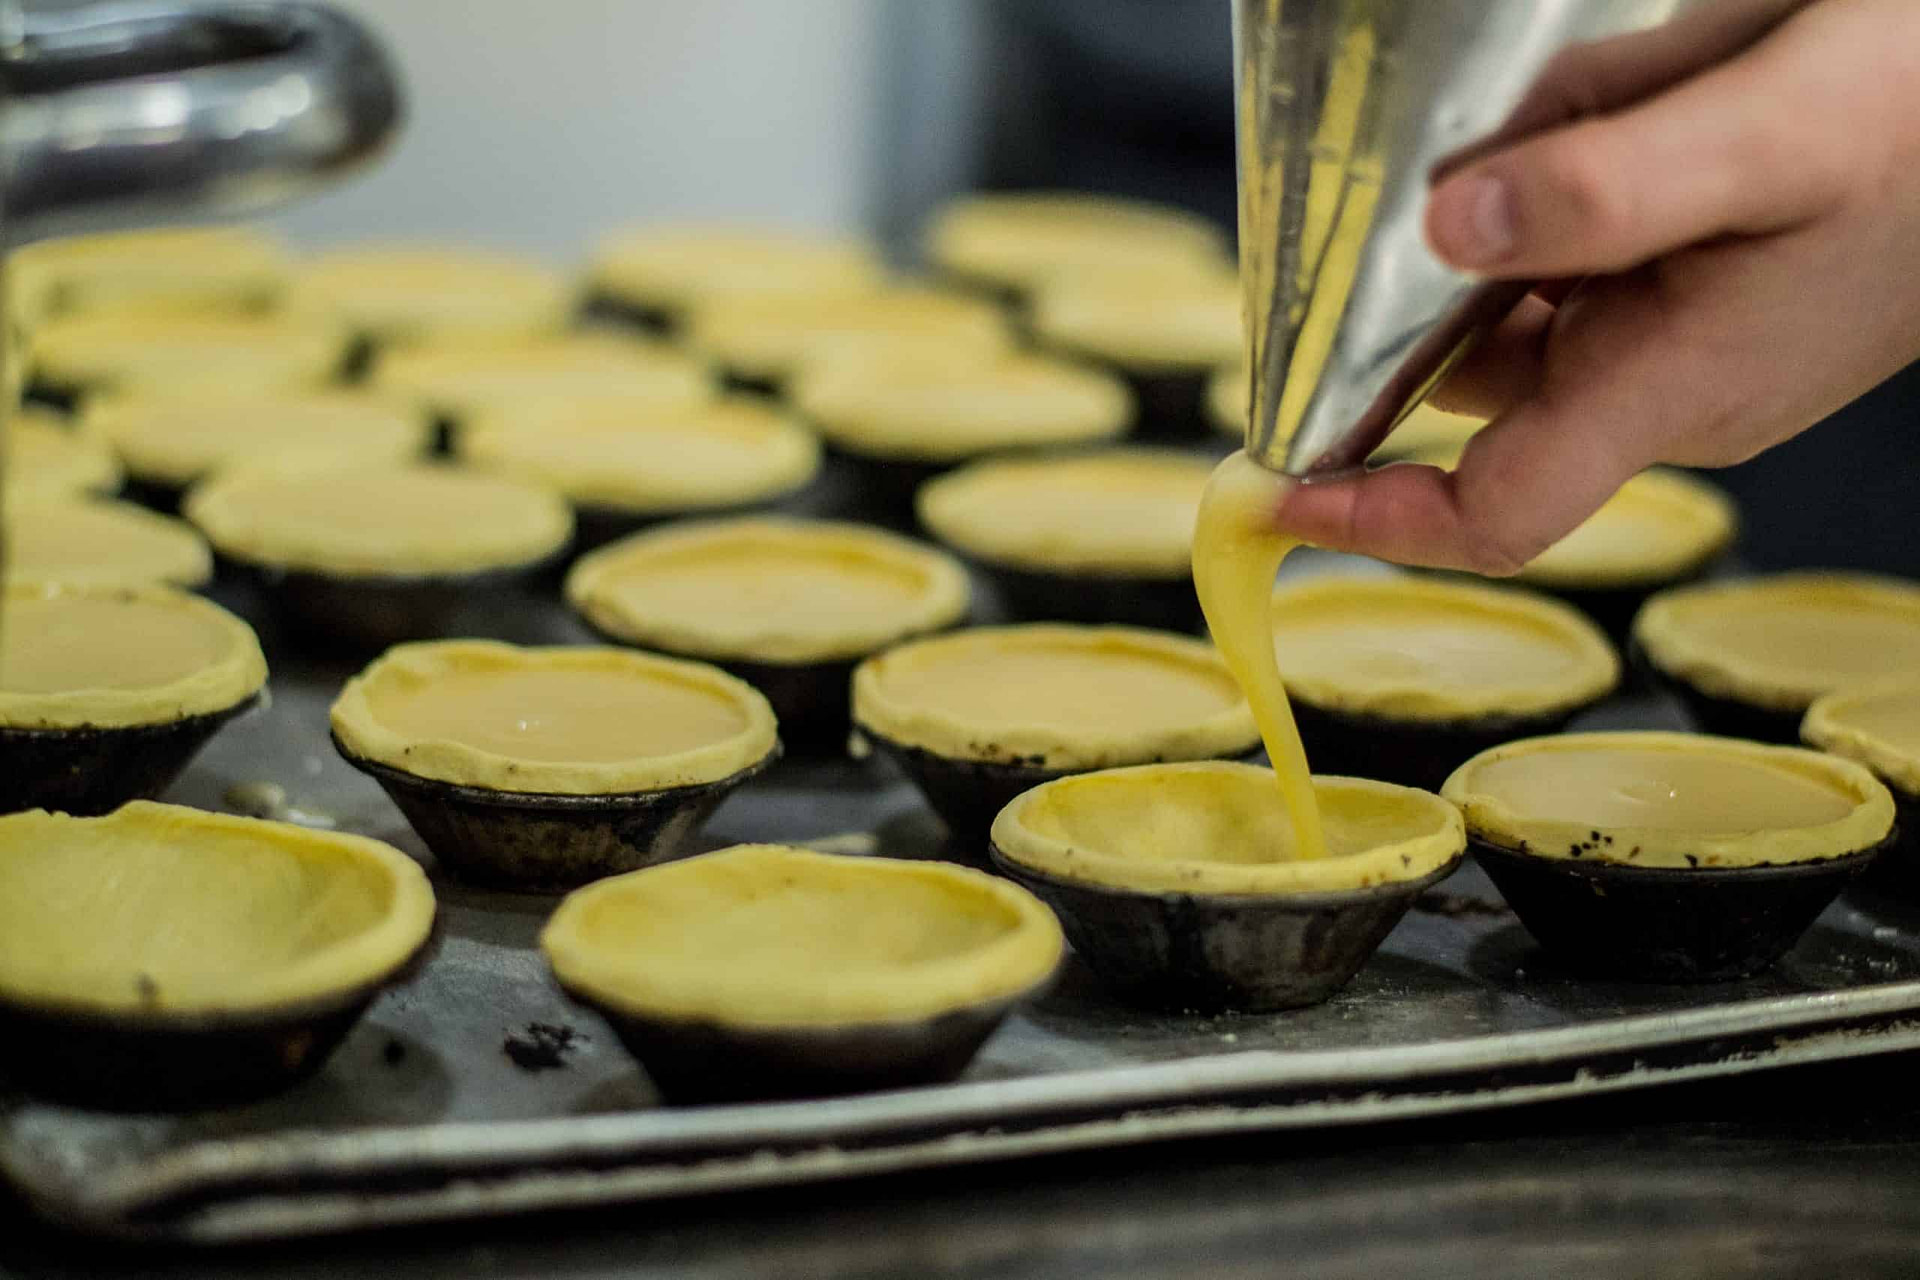 Atelier pastel de nata : cuisinez le fameux flan pâtissier !